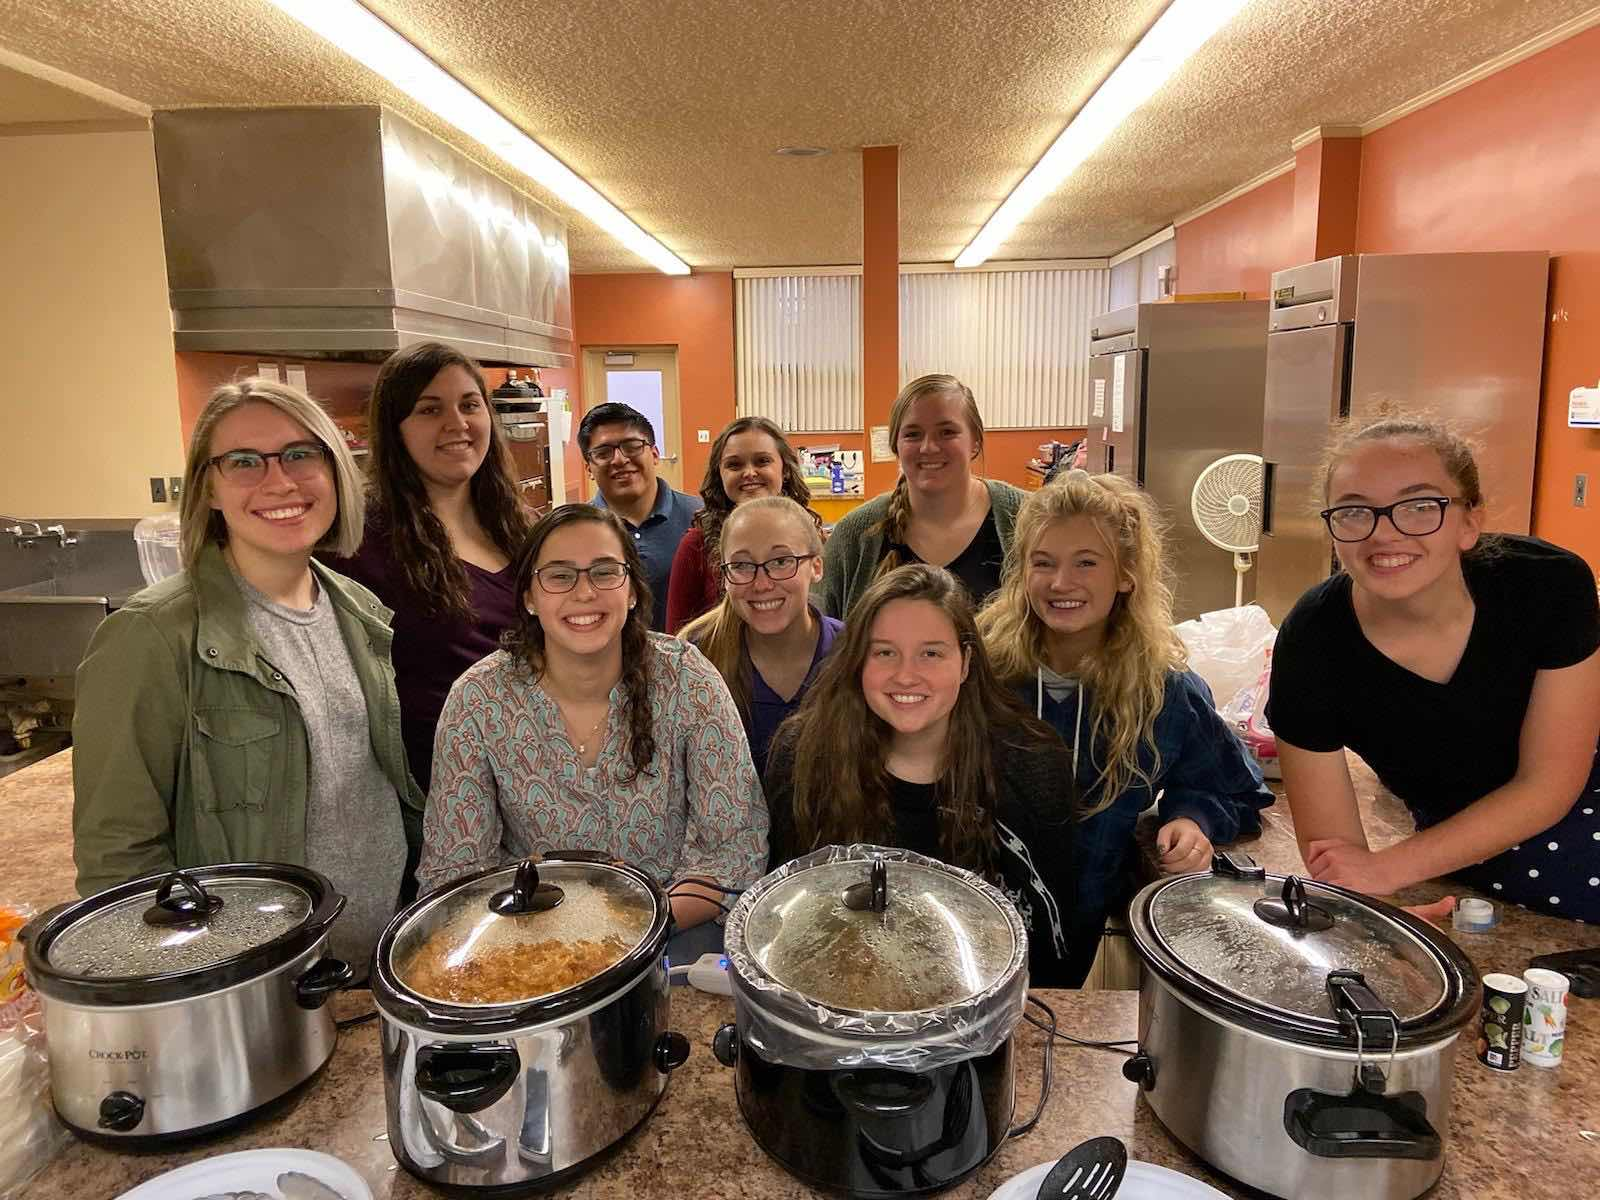 Morningside ODK Faculty Appreciation Dinner